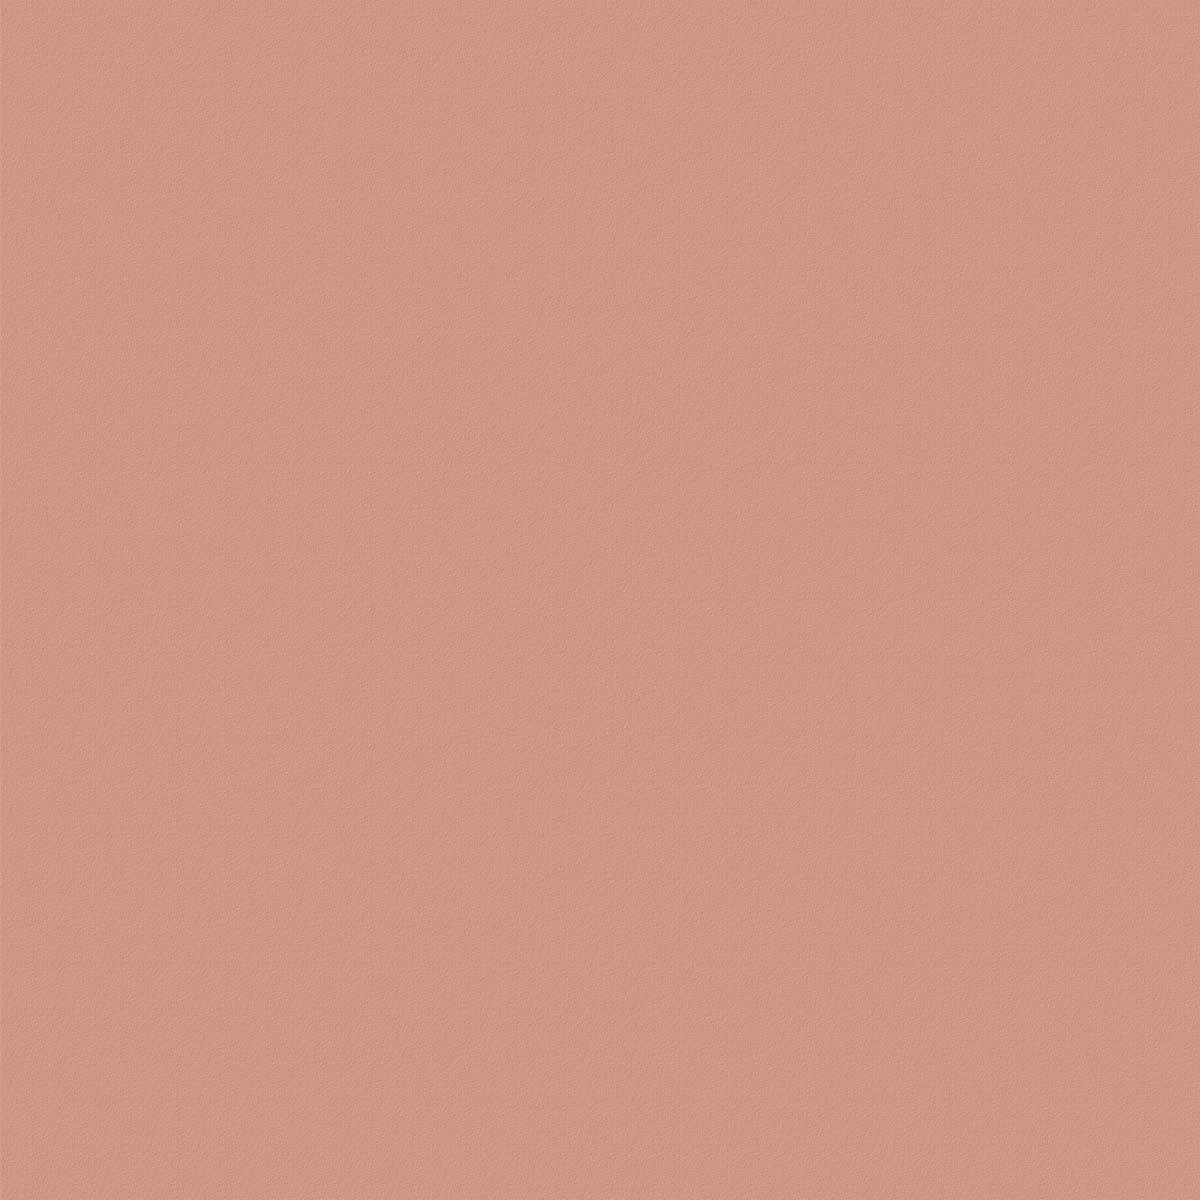 HF1941 VL Tender Rose